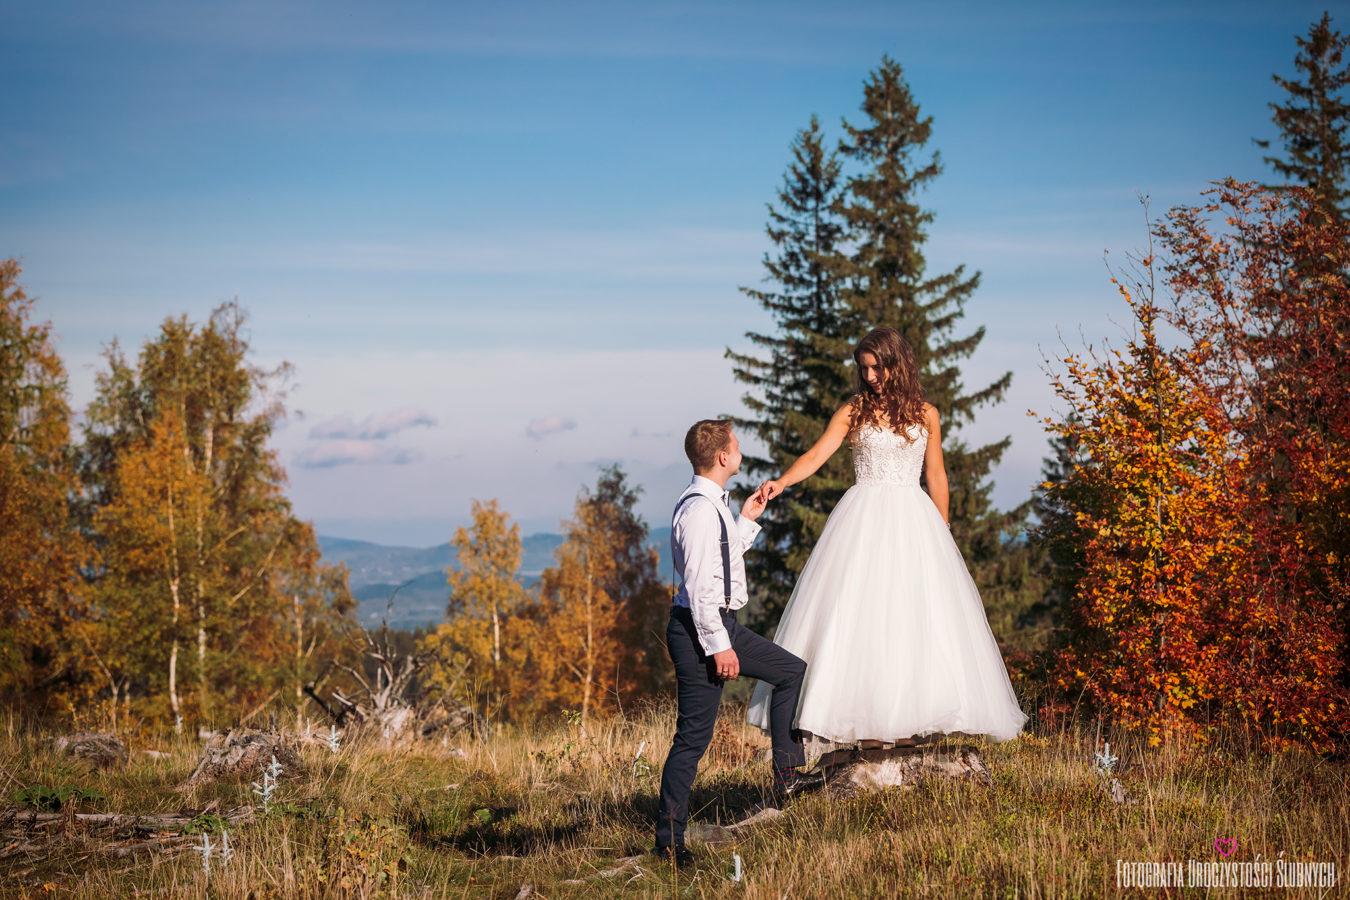 Plener ślubny w górach. Piękna sesje w plenerze w lesie w Karkonoszach. Fotografia na Wasz ślub, profesjonalne reportaże ślubne